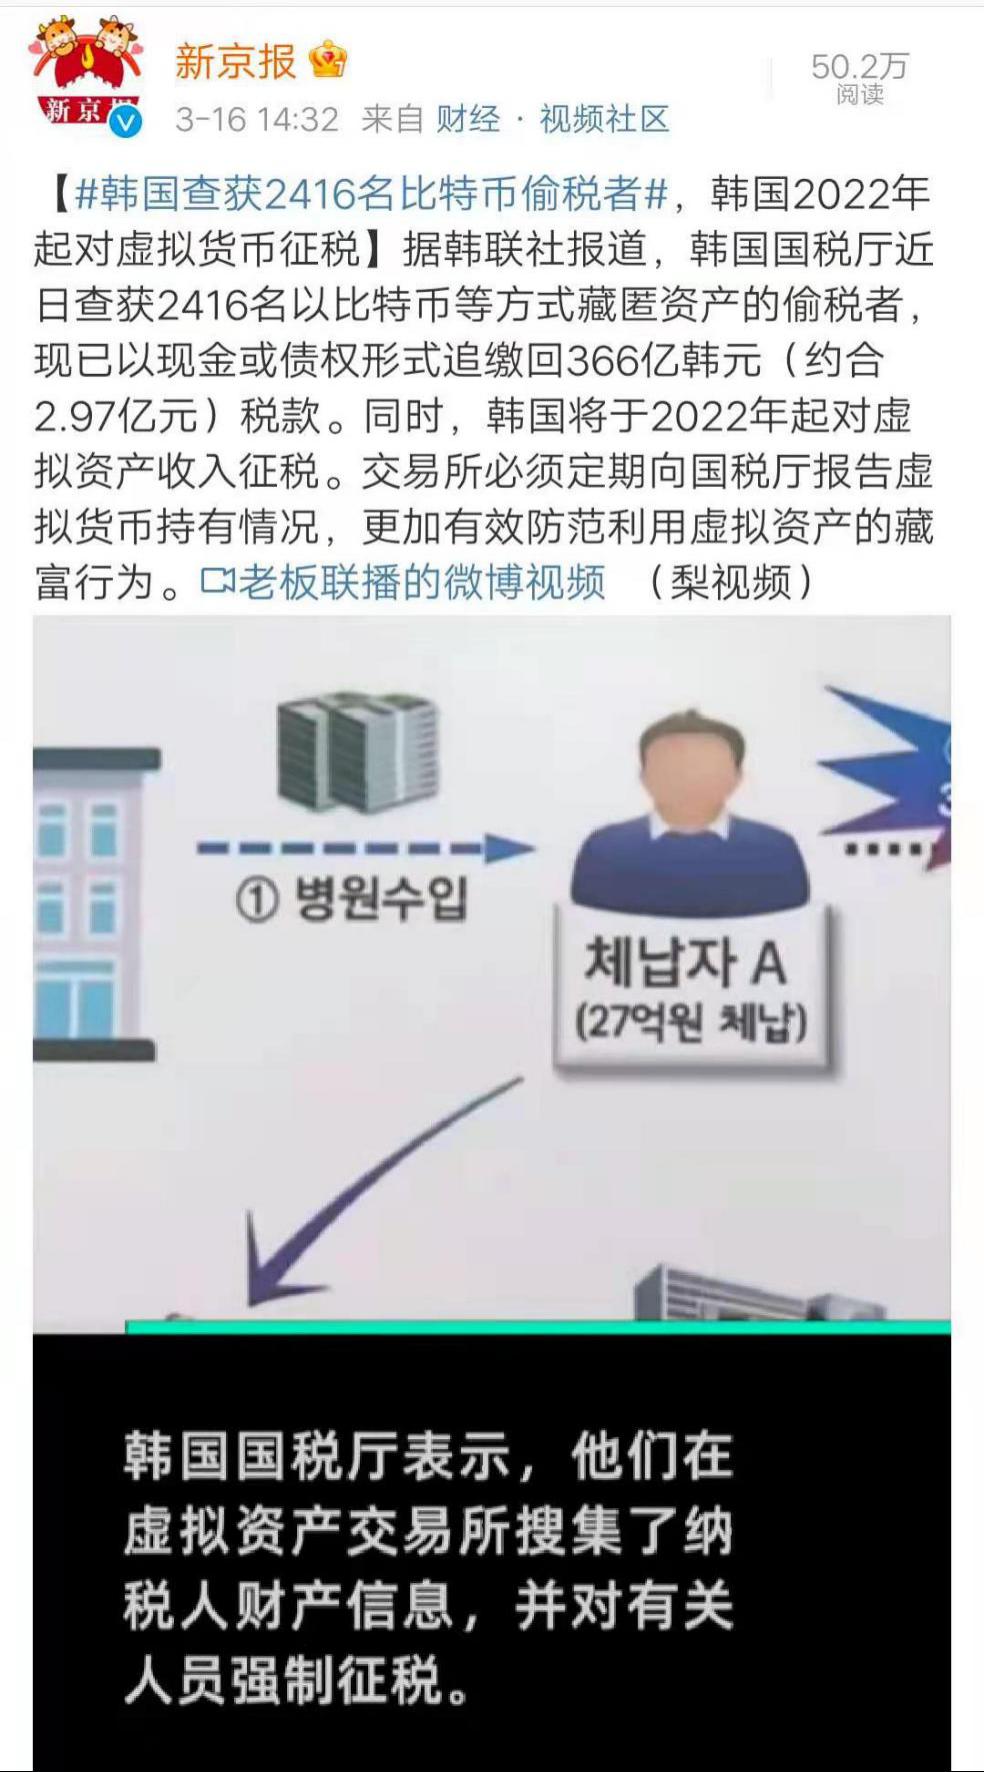 韩国规定加密服务商必须报告所有加密交易,否则将面临5年监禁